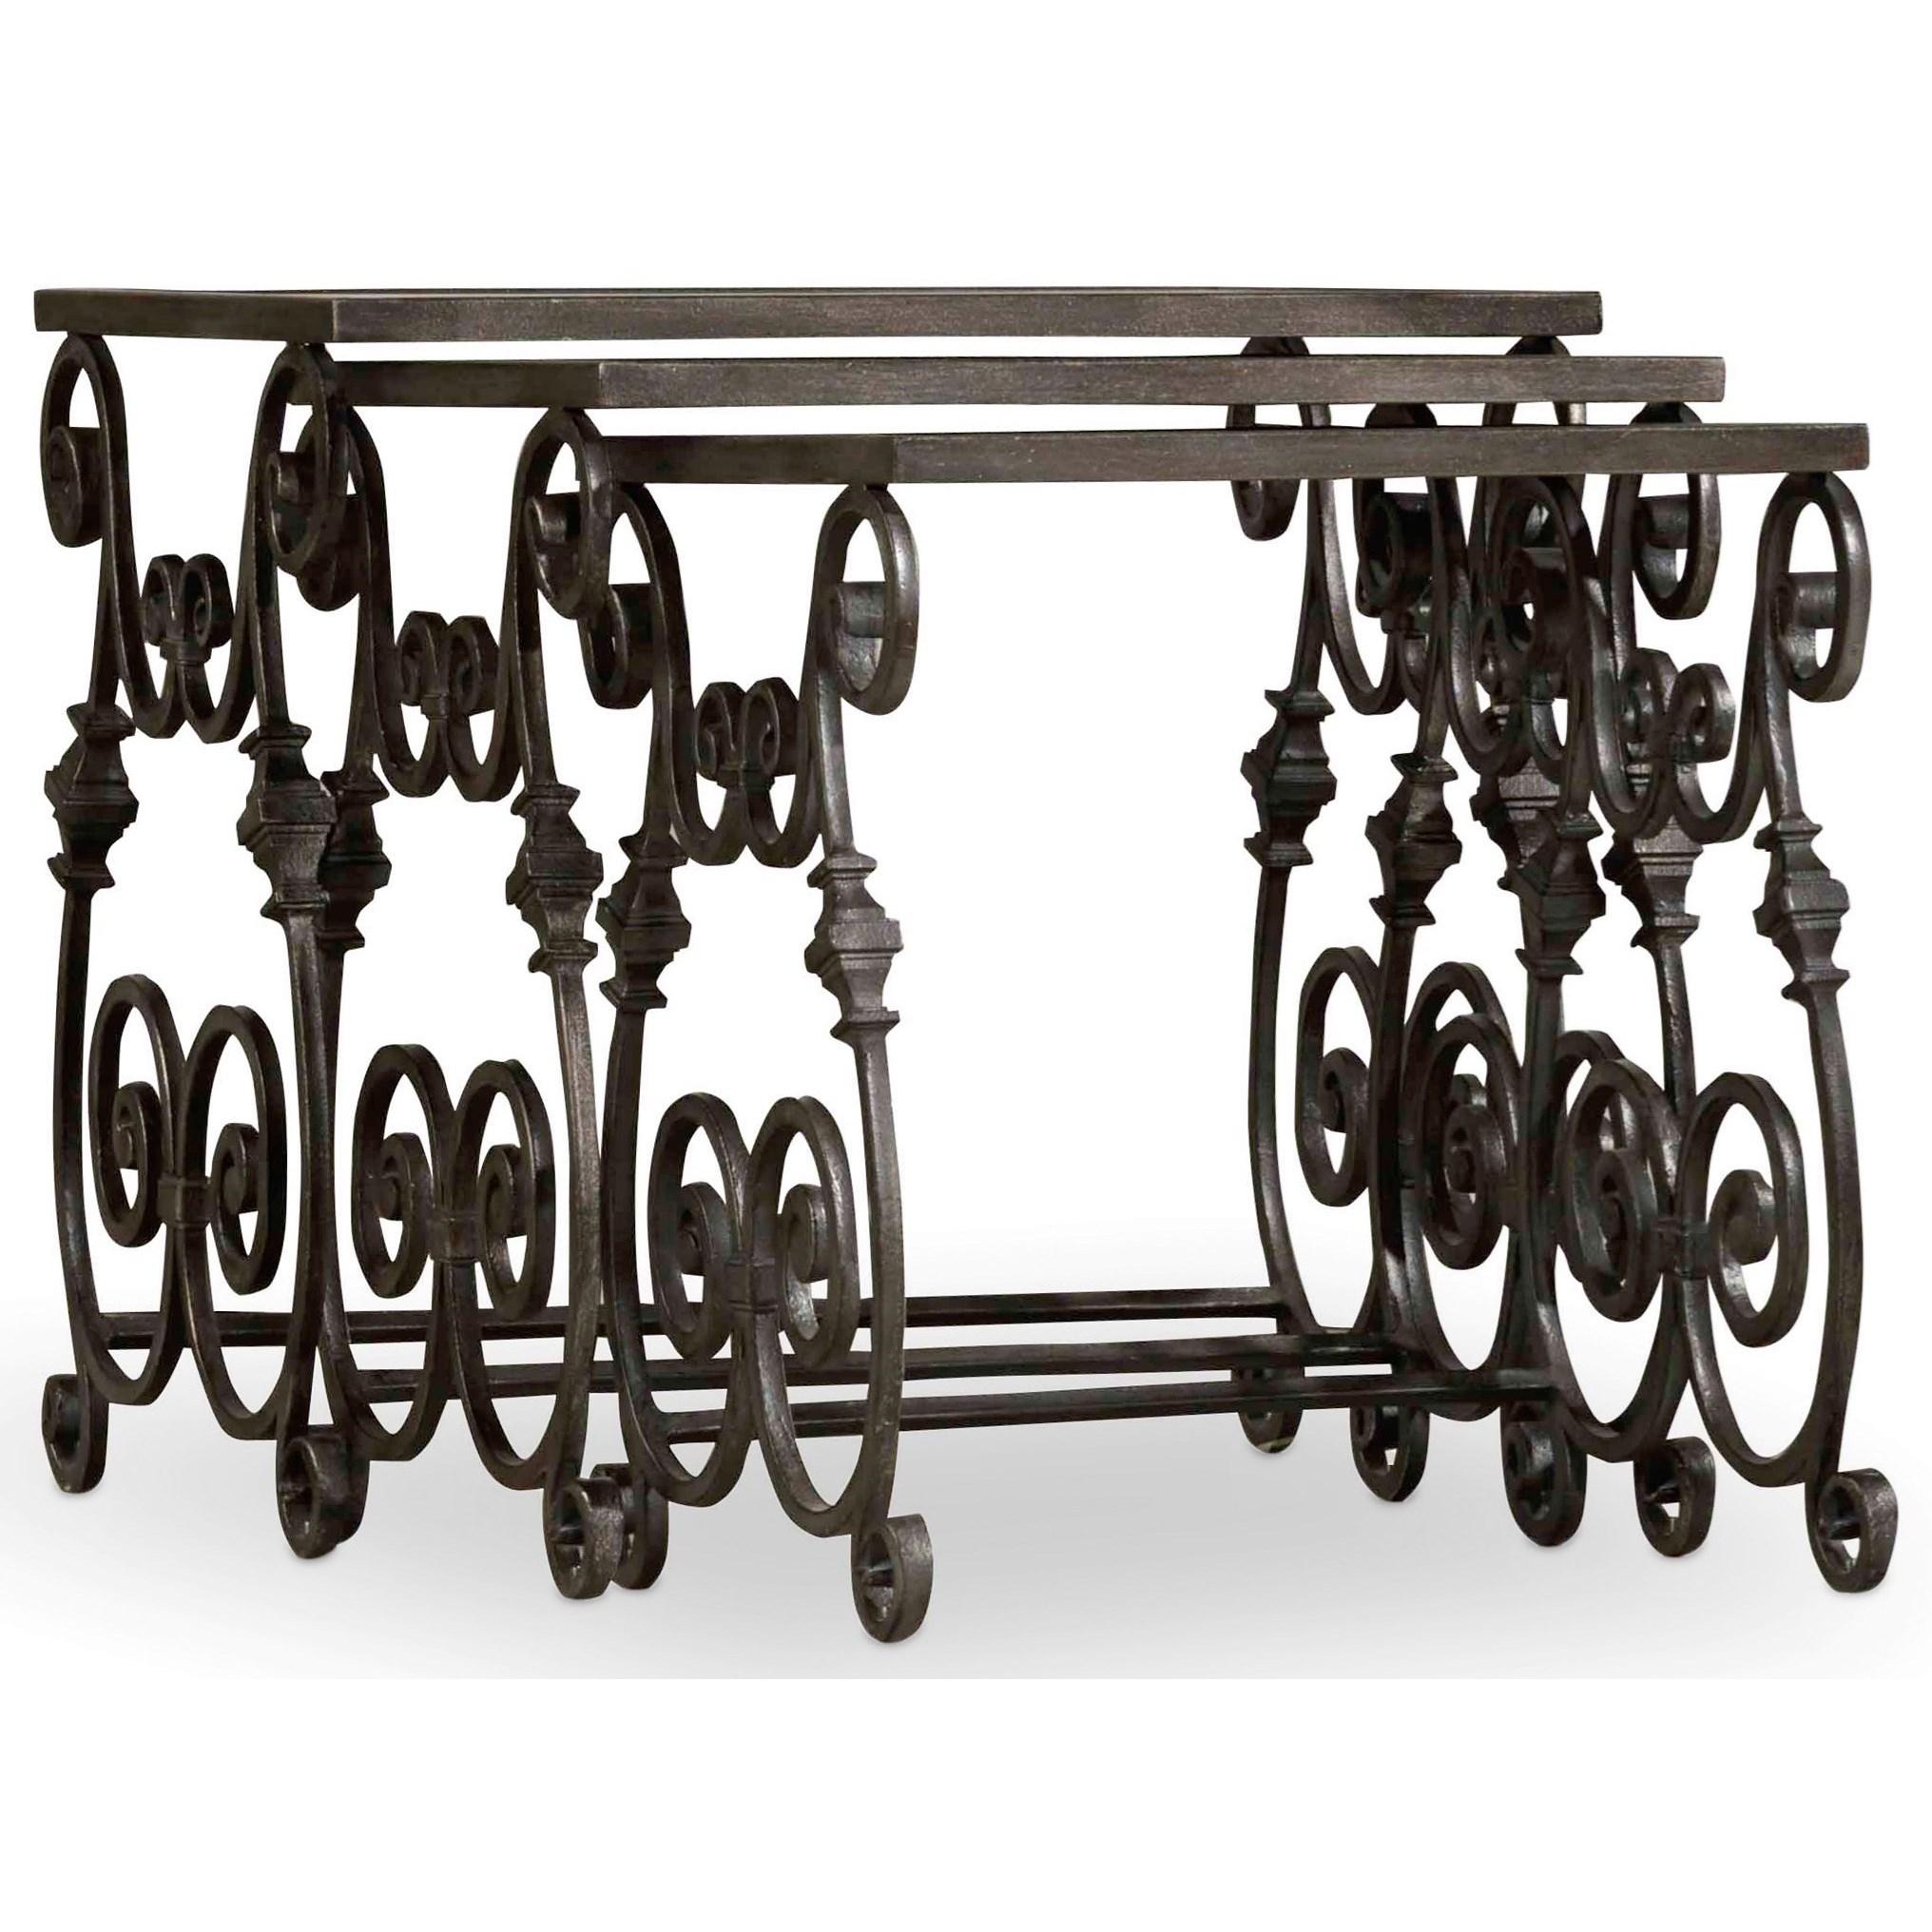 Hooker Furniture True Vintage Nest of Tables - Item Number: 5707-50001